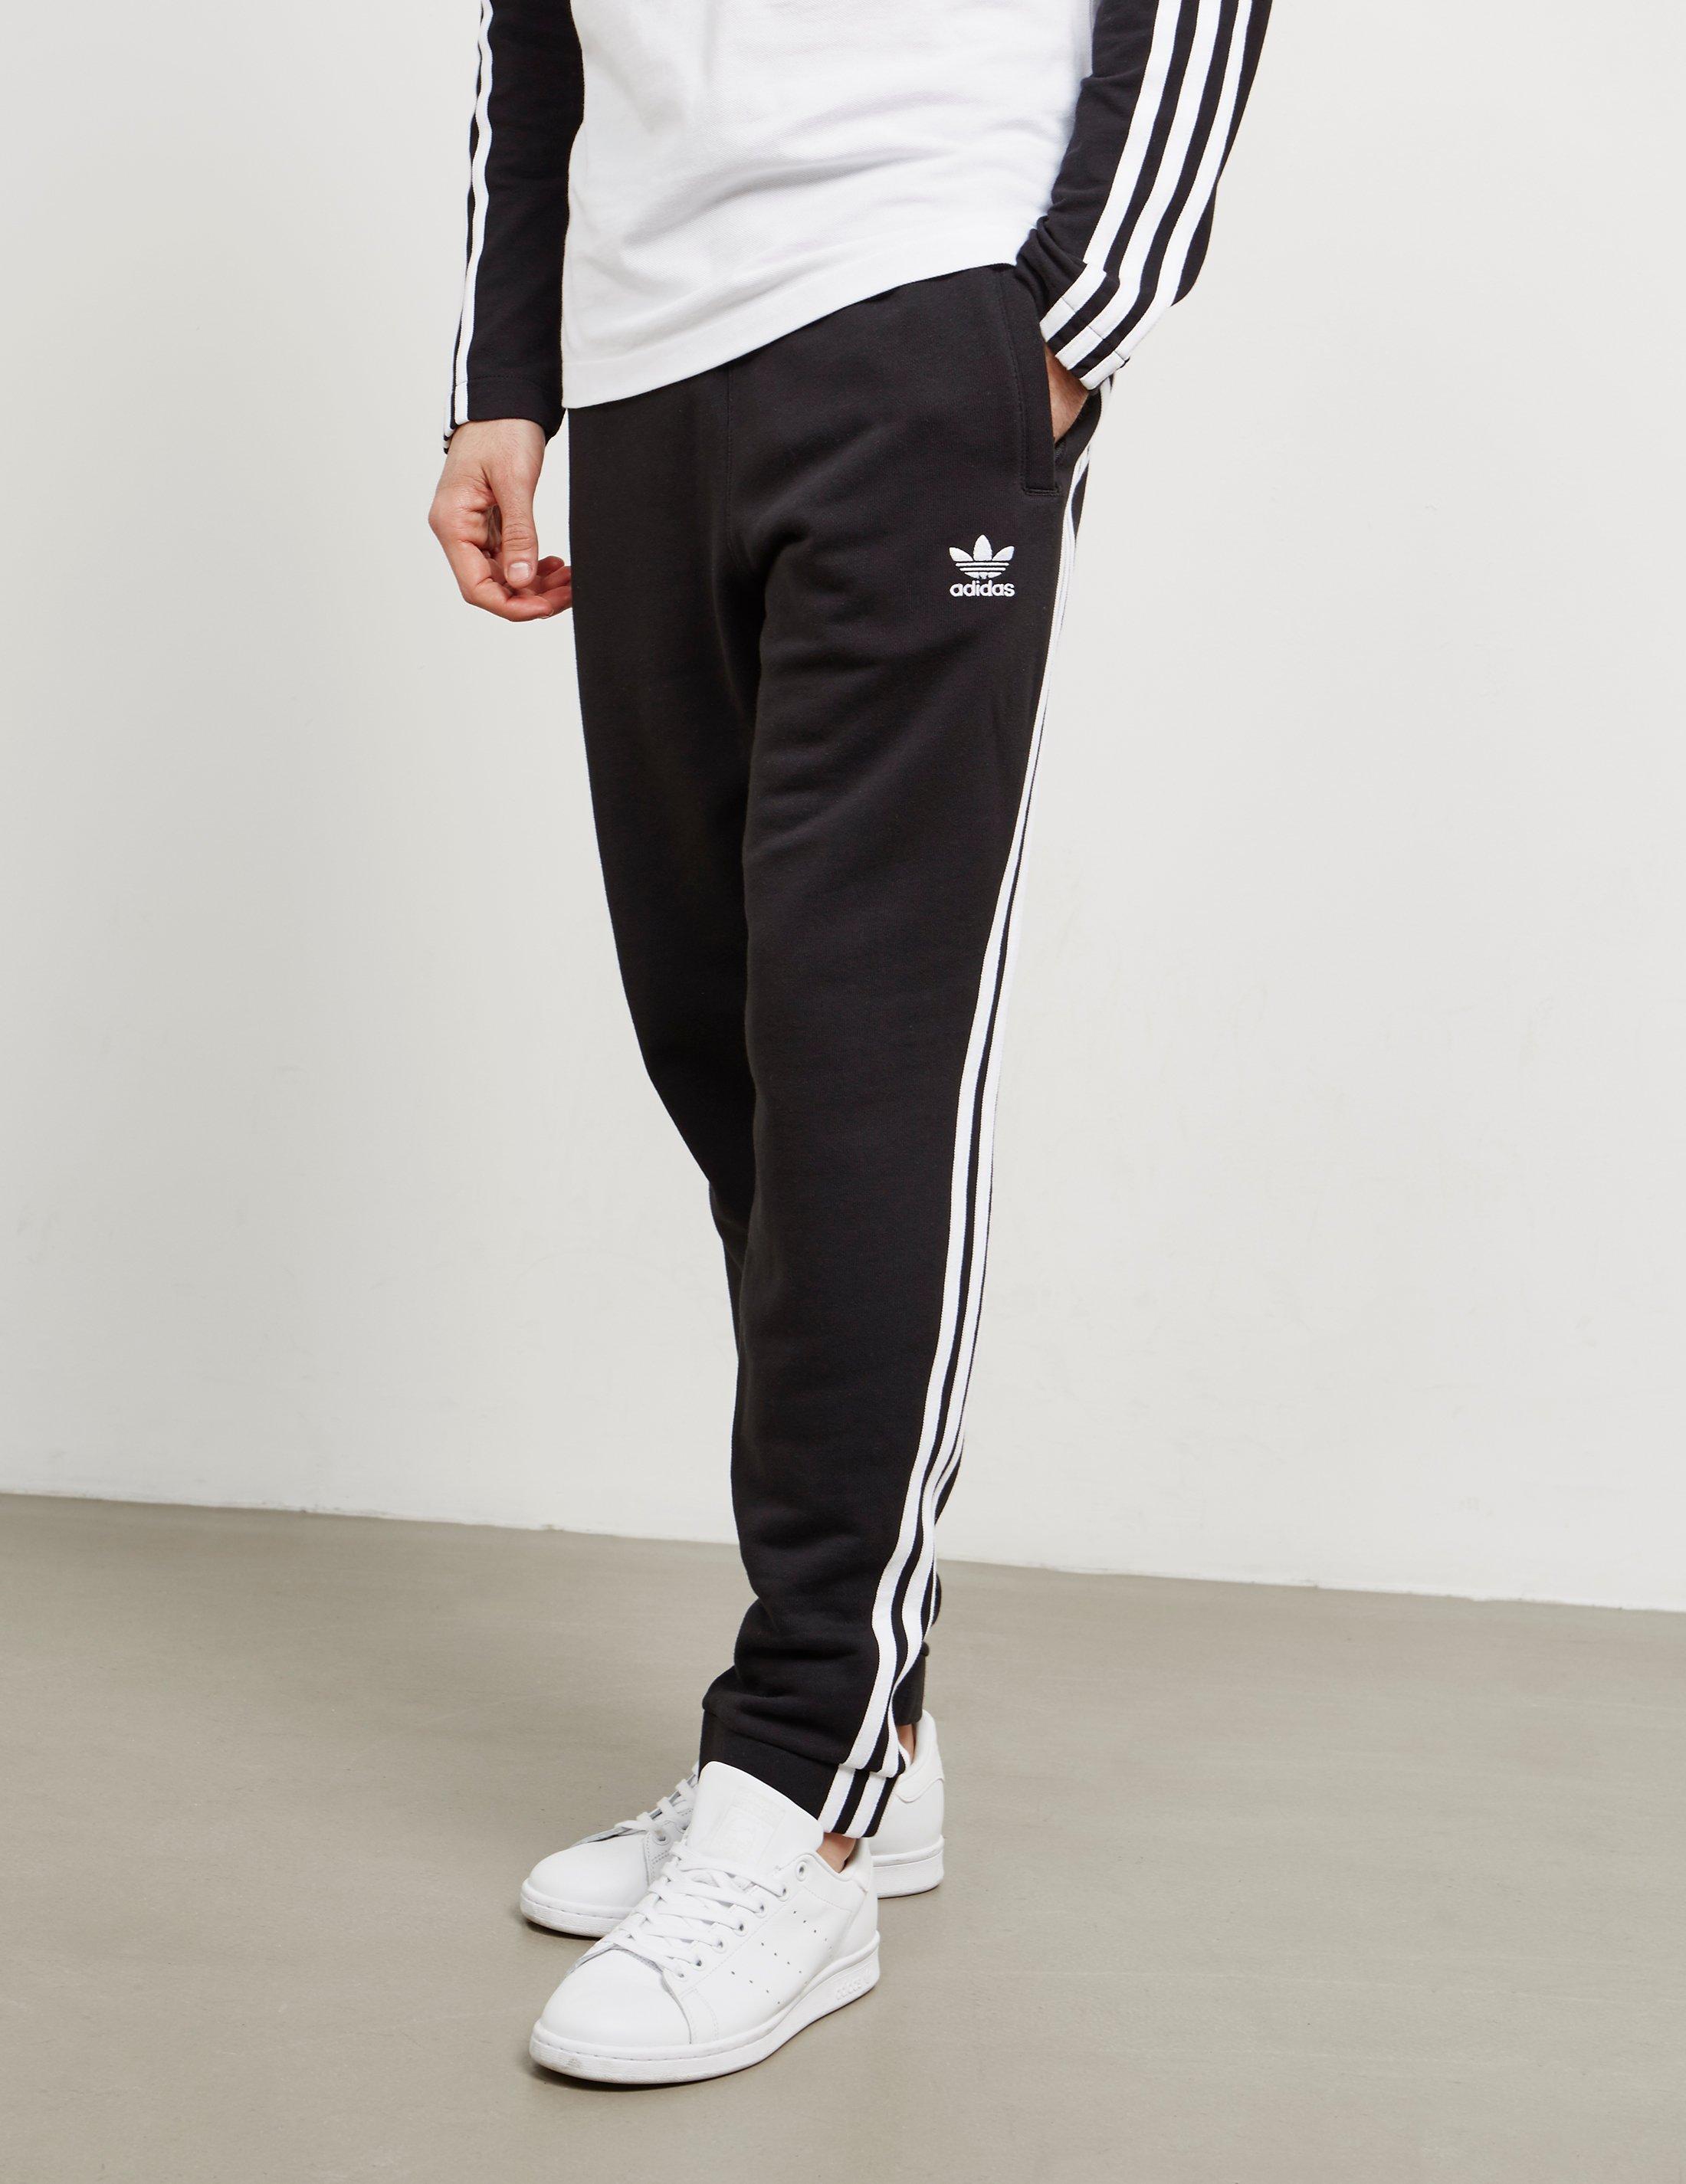 c1fe59c06 adidas-originals-Black-Mens-Trefoil-Fleece-Track-Pants-Black.jpeg